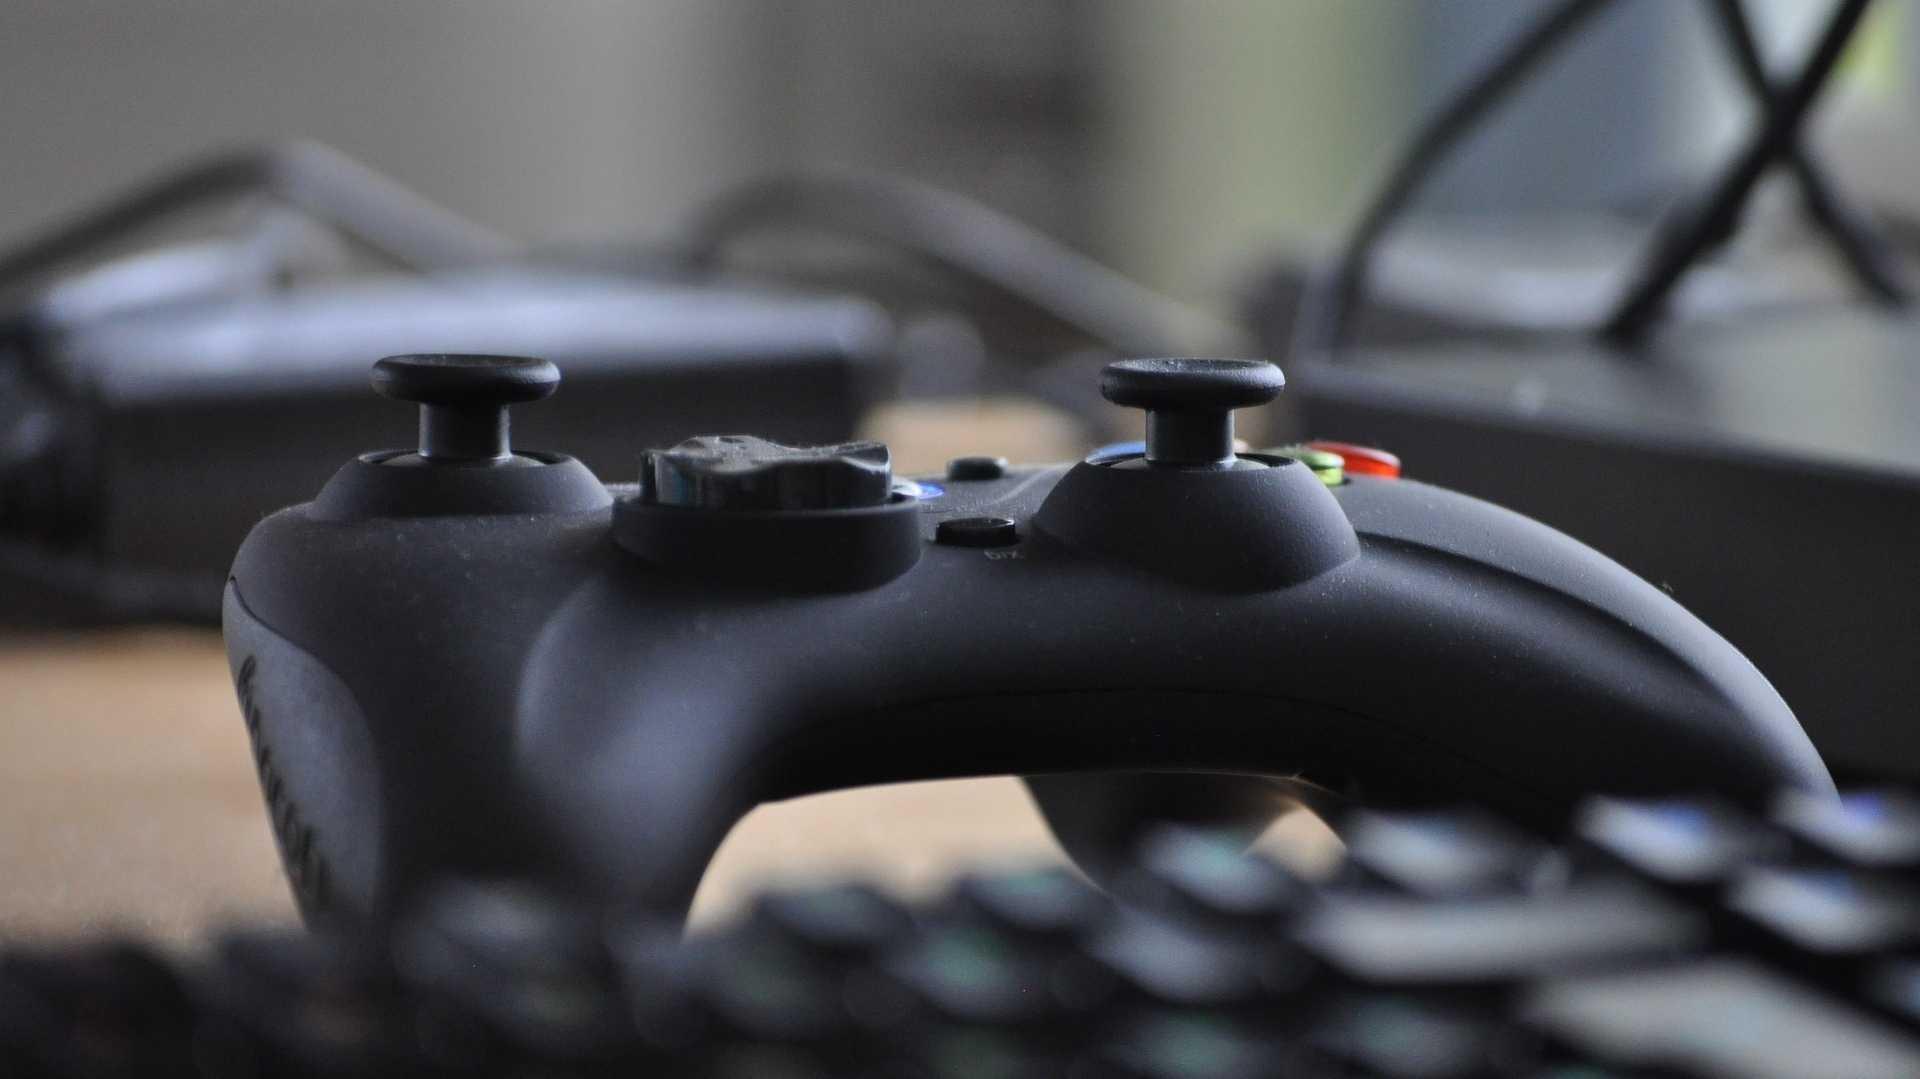 Therapie: Wie man der Krankheit Computerspielsucht entkommen kann